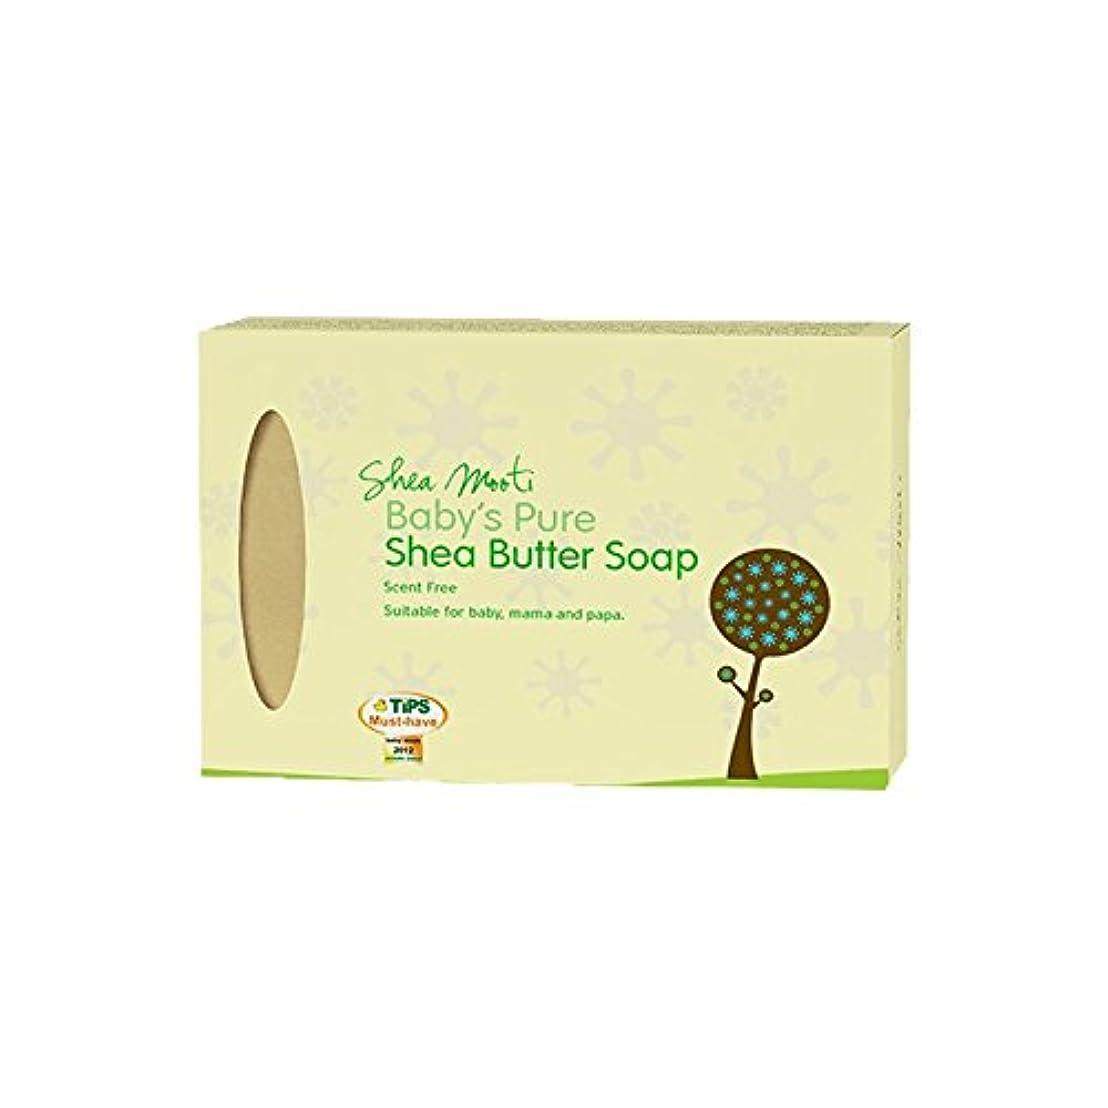 ひそかに時癒すShea Mooti Baby's Pure Shea Butter Soap Unscented 250ml (Pack of 2) - シアバターMooti赤ちゃんの純粋なシアバターソープ無香250ミリリットル (x2...